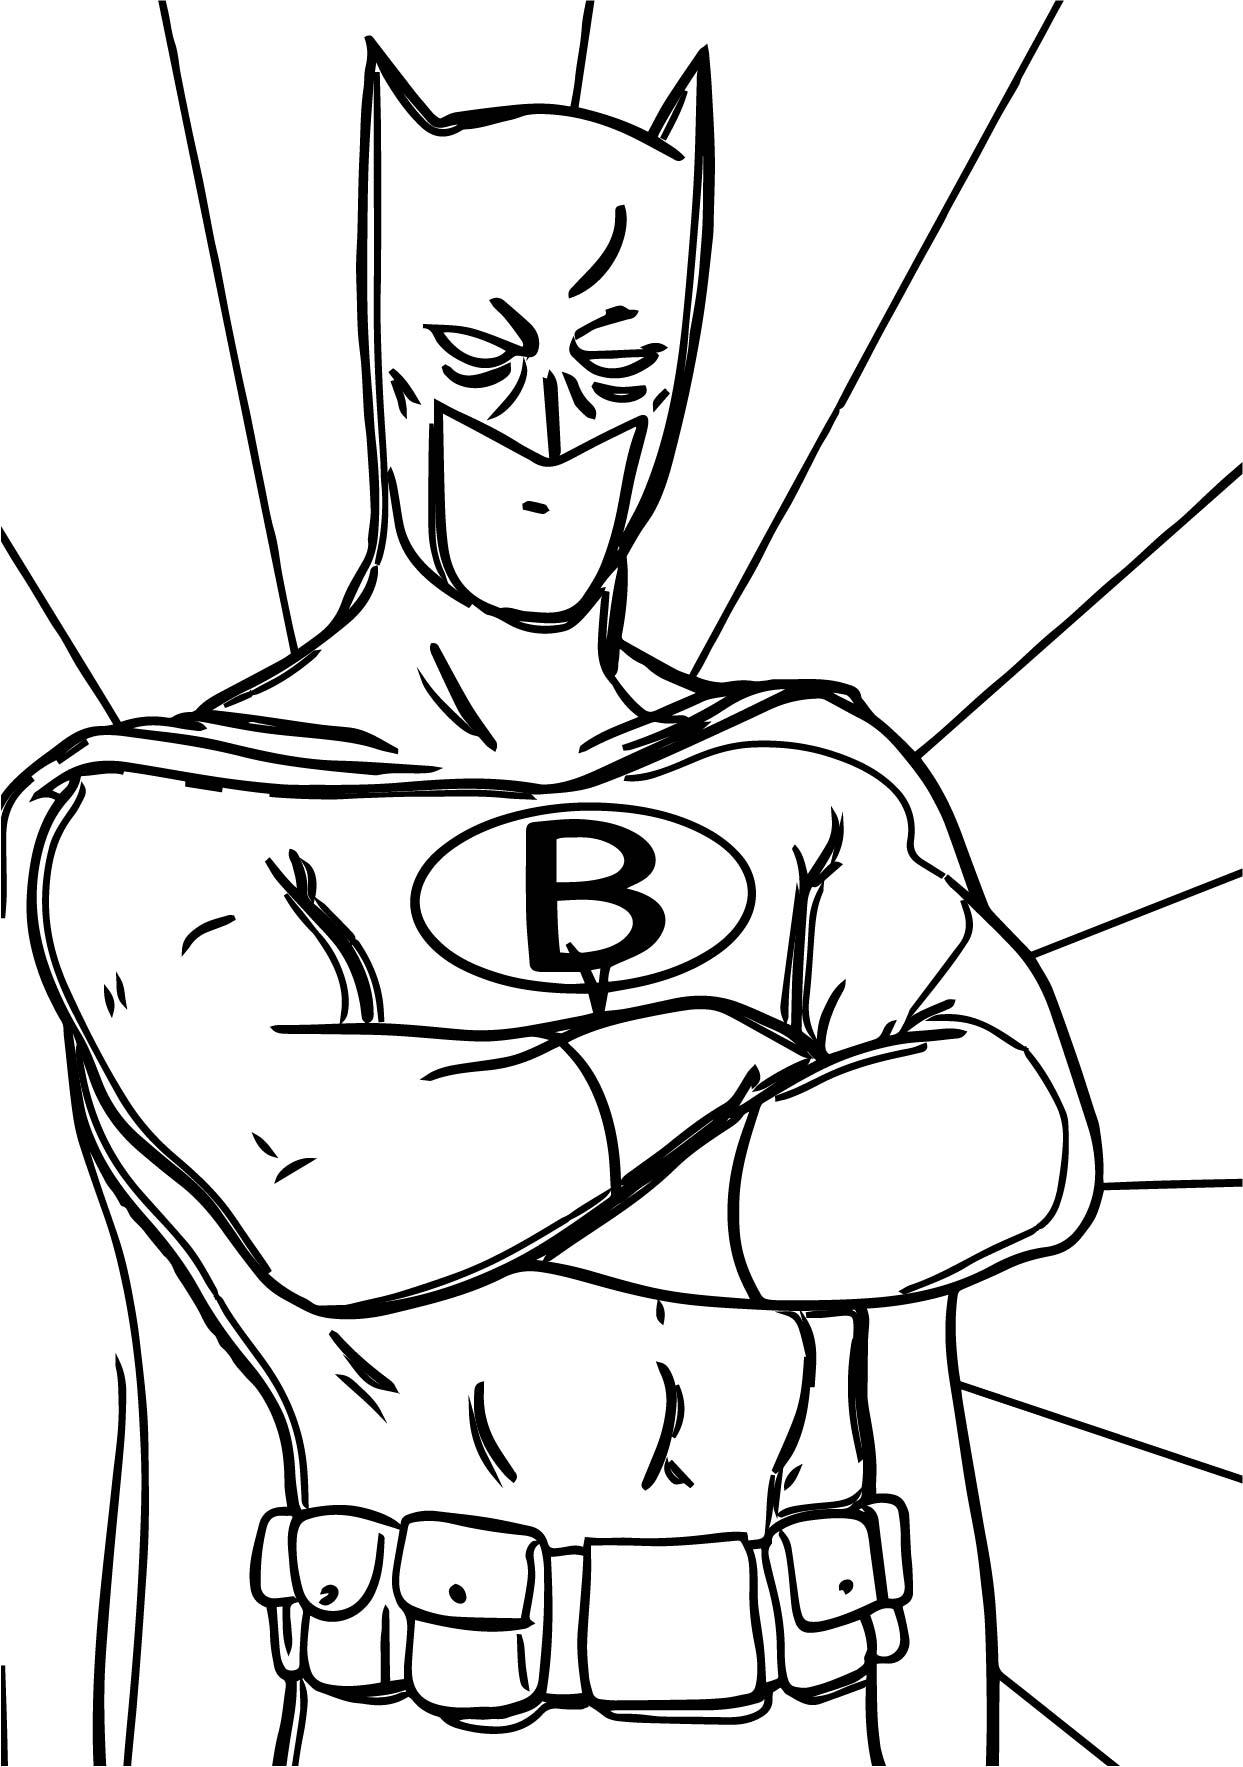 Batman Cartoon Superheroes Coloring Page